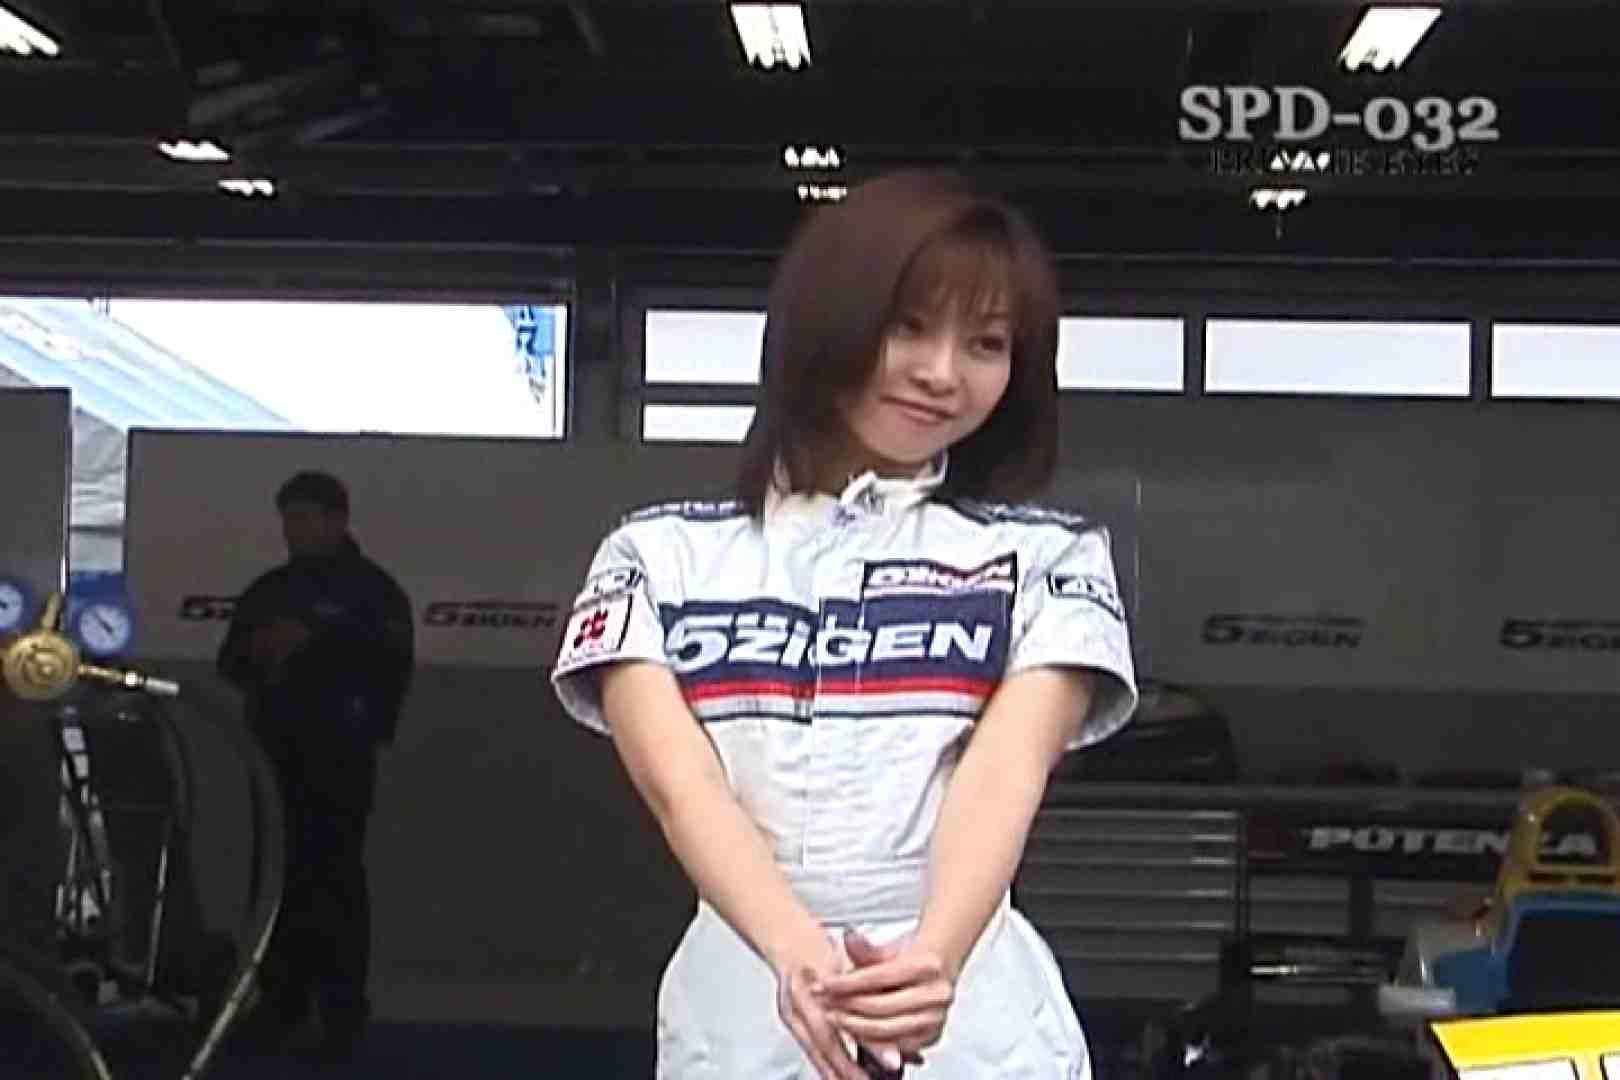 高画質版!SPD-032 サーキットの女神達 00'日本第2戦 MOTEGI プライベート エロ無料画像 89pic 22